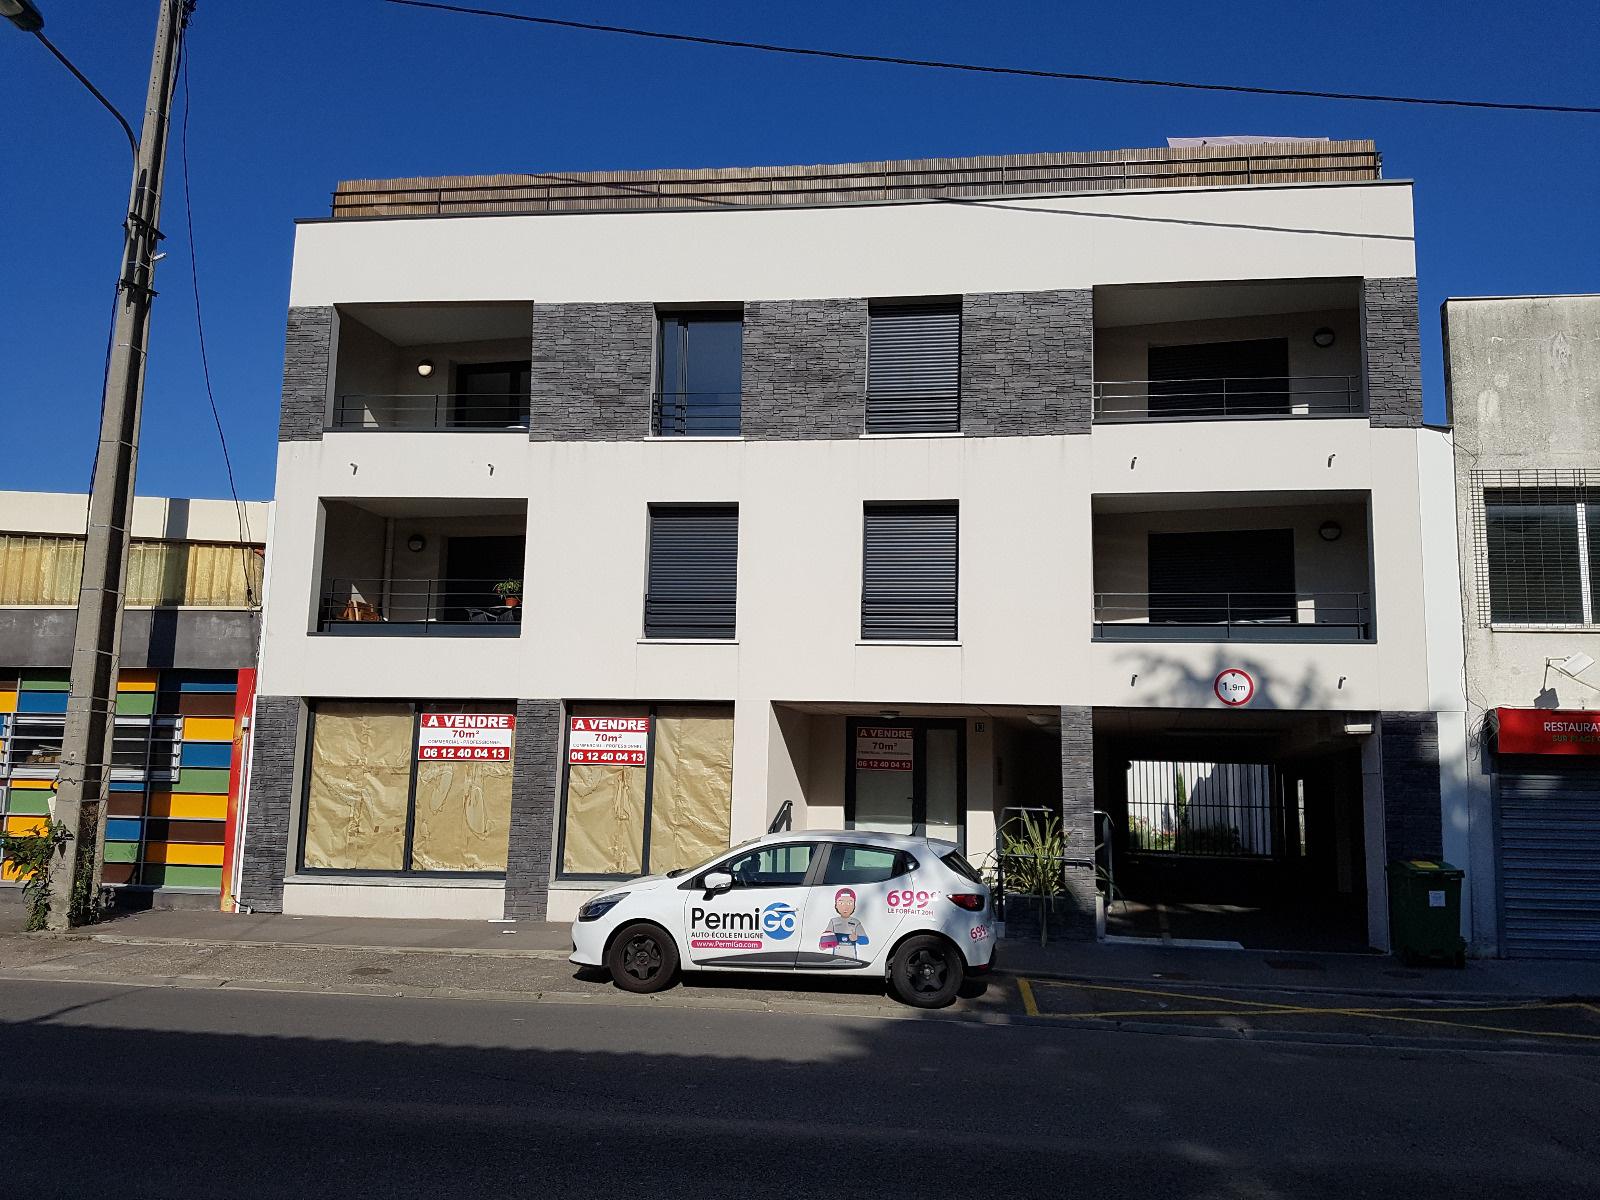 Vente Immobilier Professionnel Local commercial Bordeaux (33300)